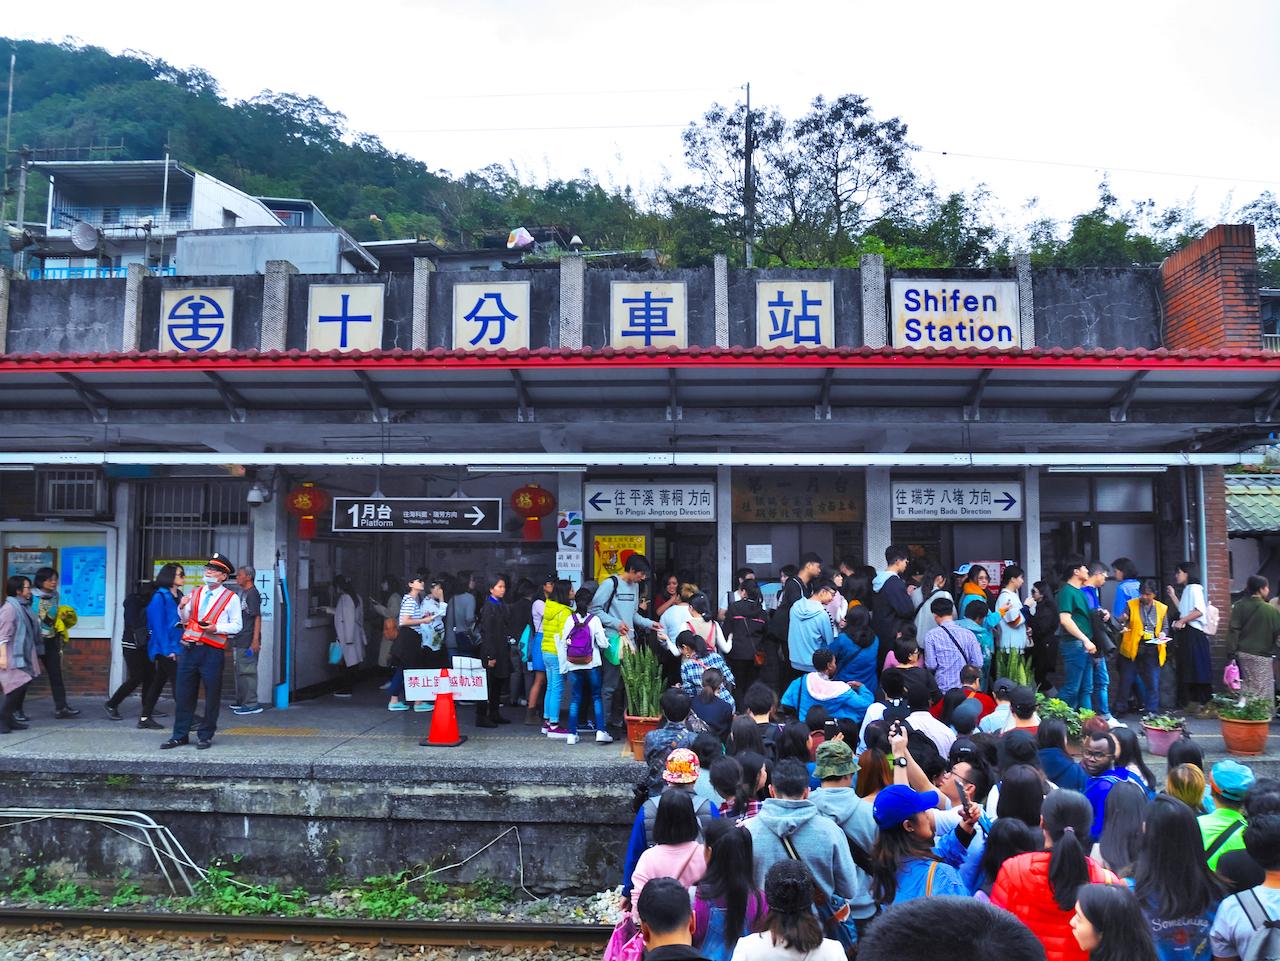 台湾】線路の上でランタン飛ばし!願いを叶える街「十分」へ行ってみた ...